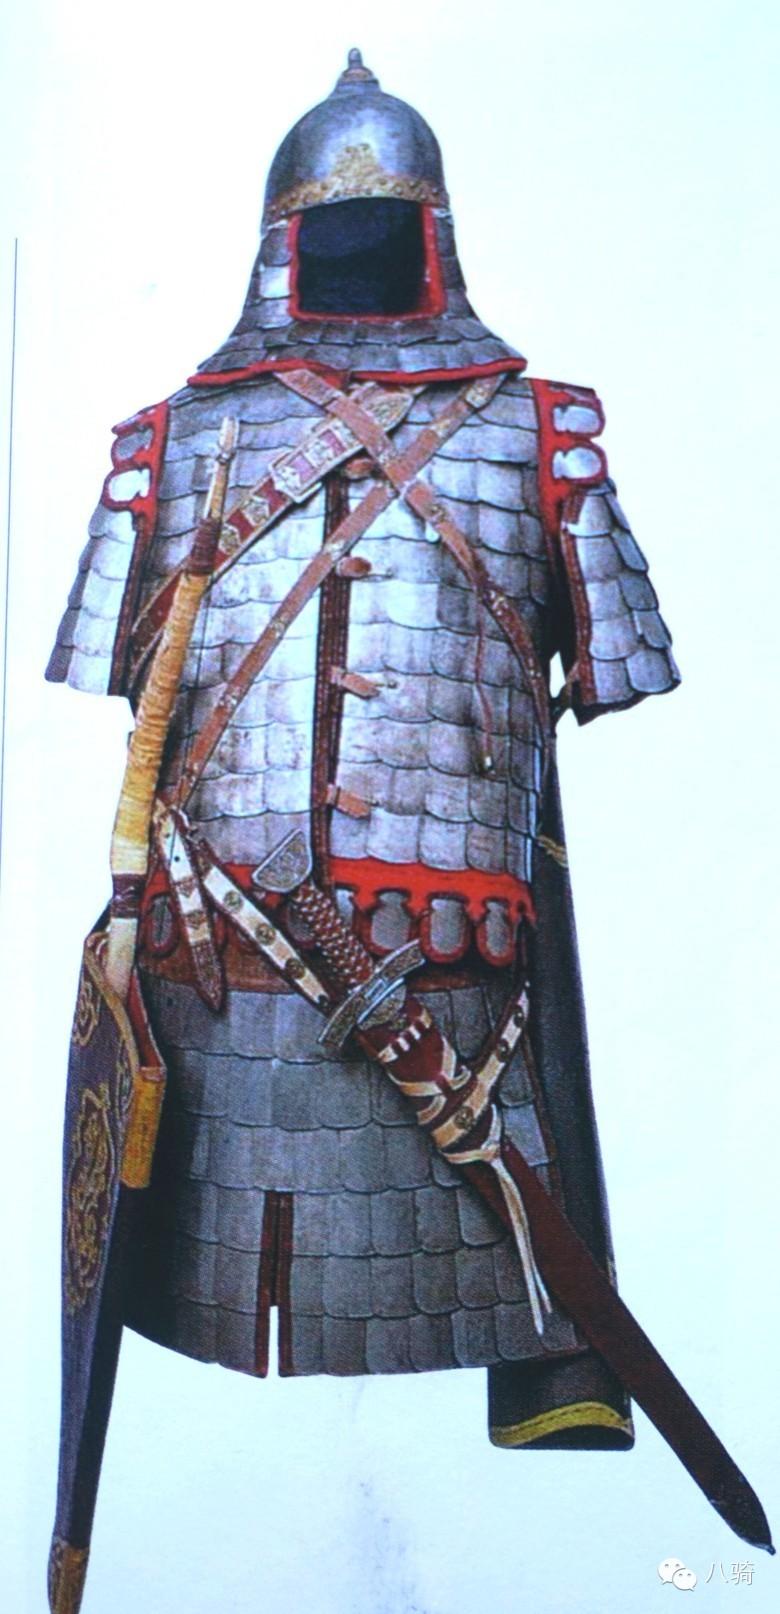 【蒙古文化】冷兵器时代的余温 蒙古铠甲图集 第11张